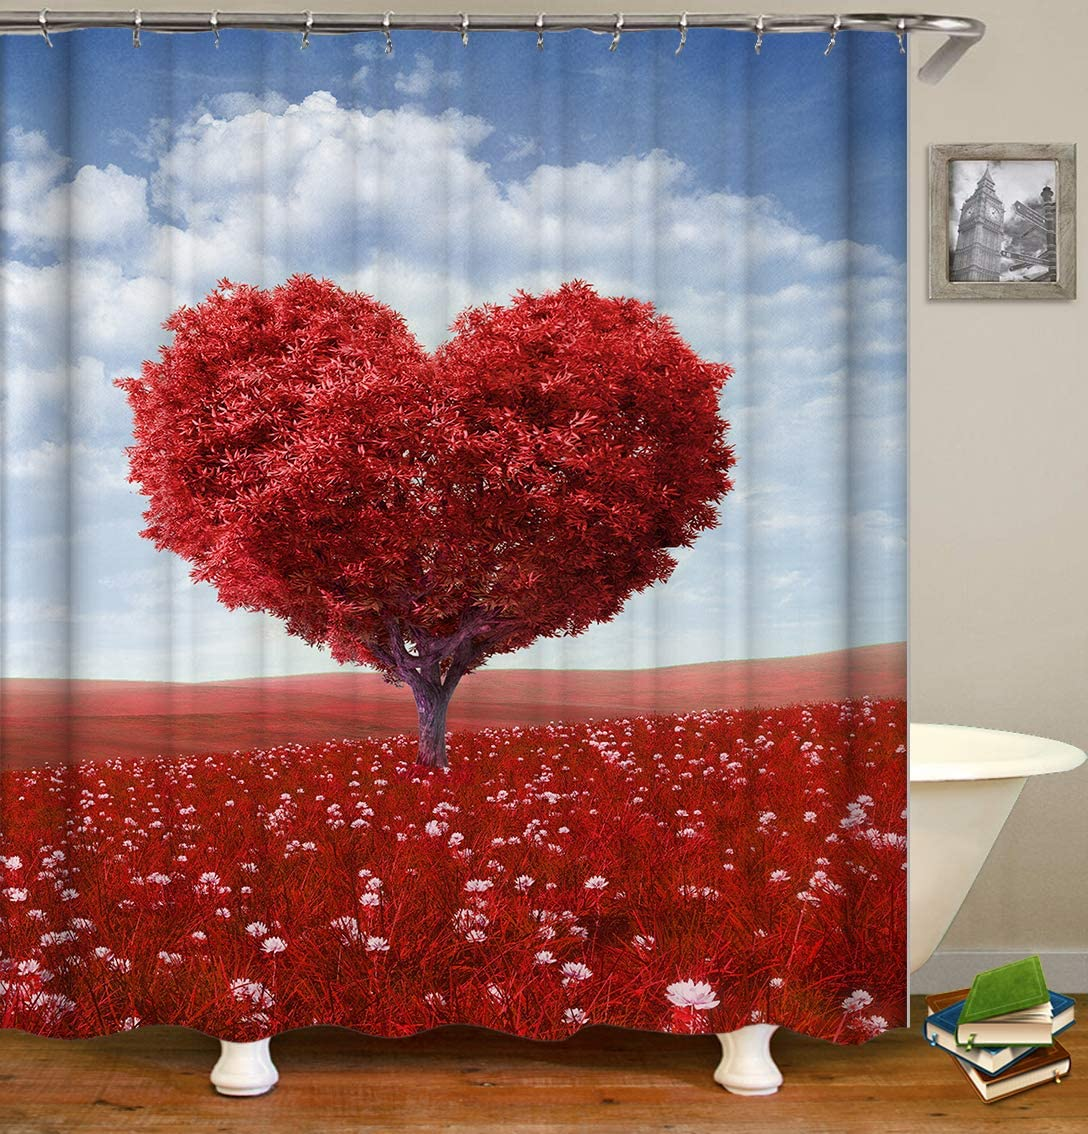 LJJJZS Cortinas de Ducha Árbol de Amor Rojo Mamparas de baño Decoración para el hogar Tejido de poliéster Impermeable y a Prueba de Moho con 12 Ganchos 180 * 180 cm: Amazon.es: Hogar